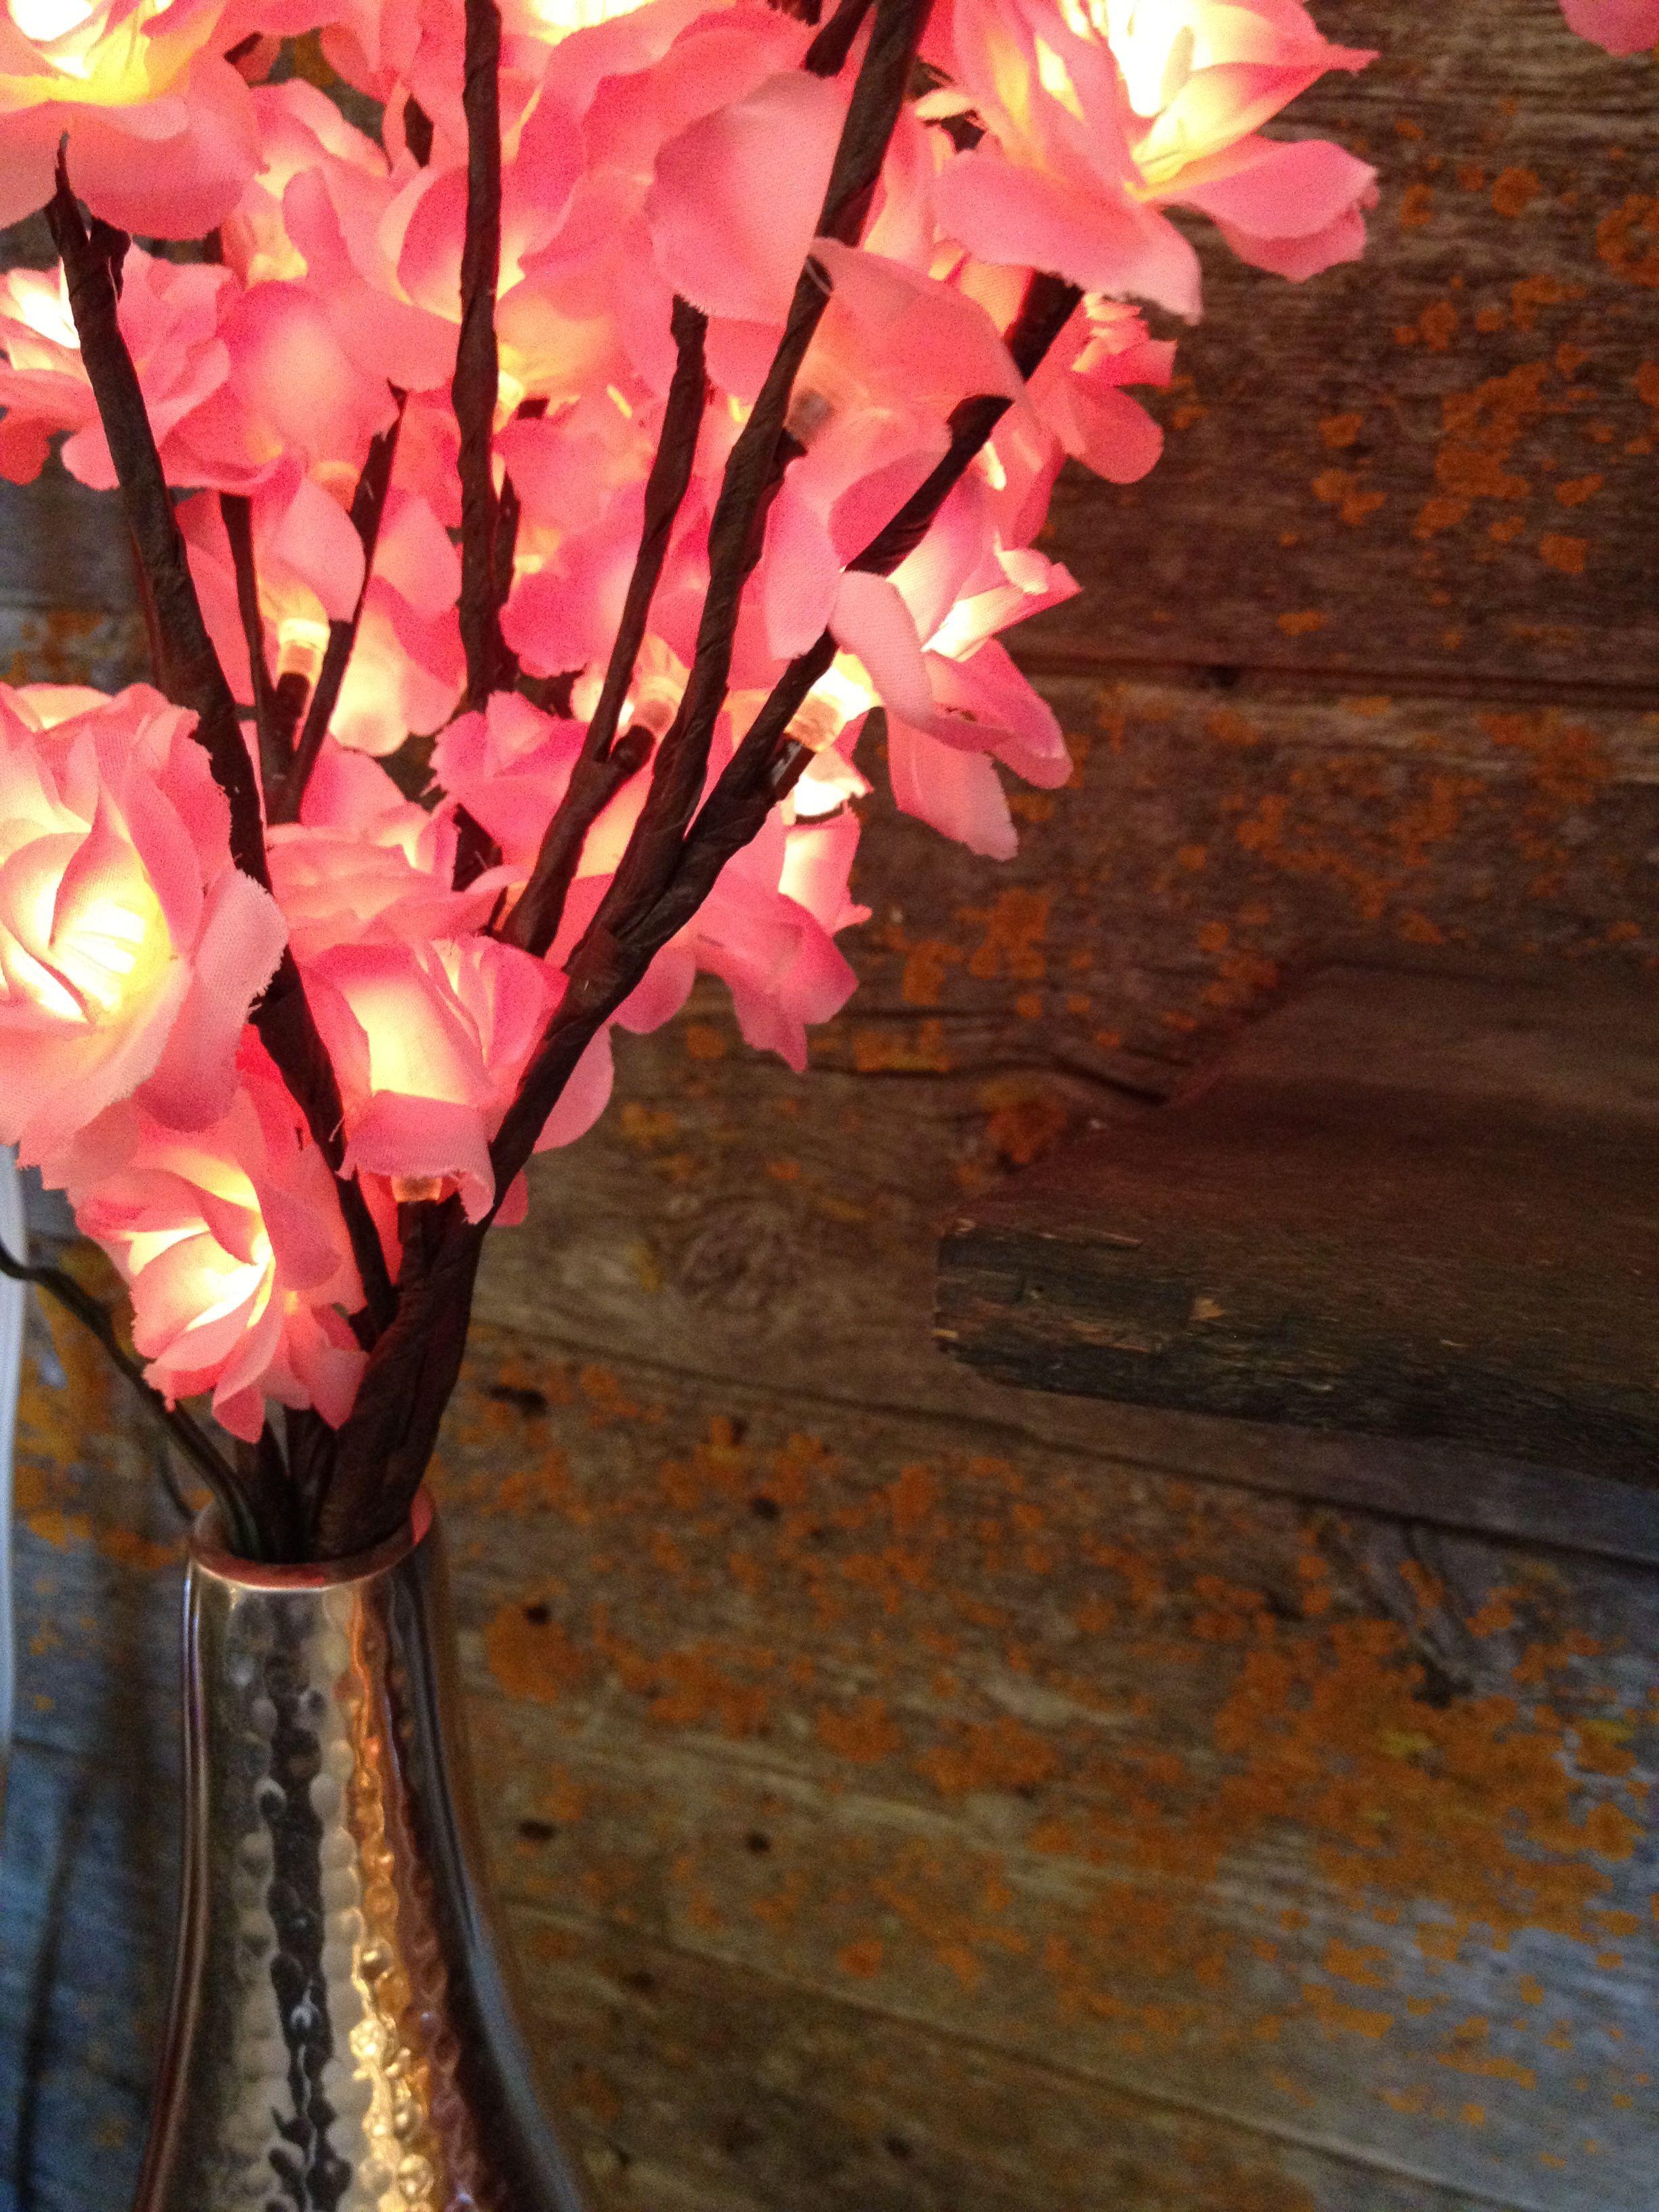 Illuminated floral designs...